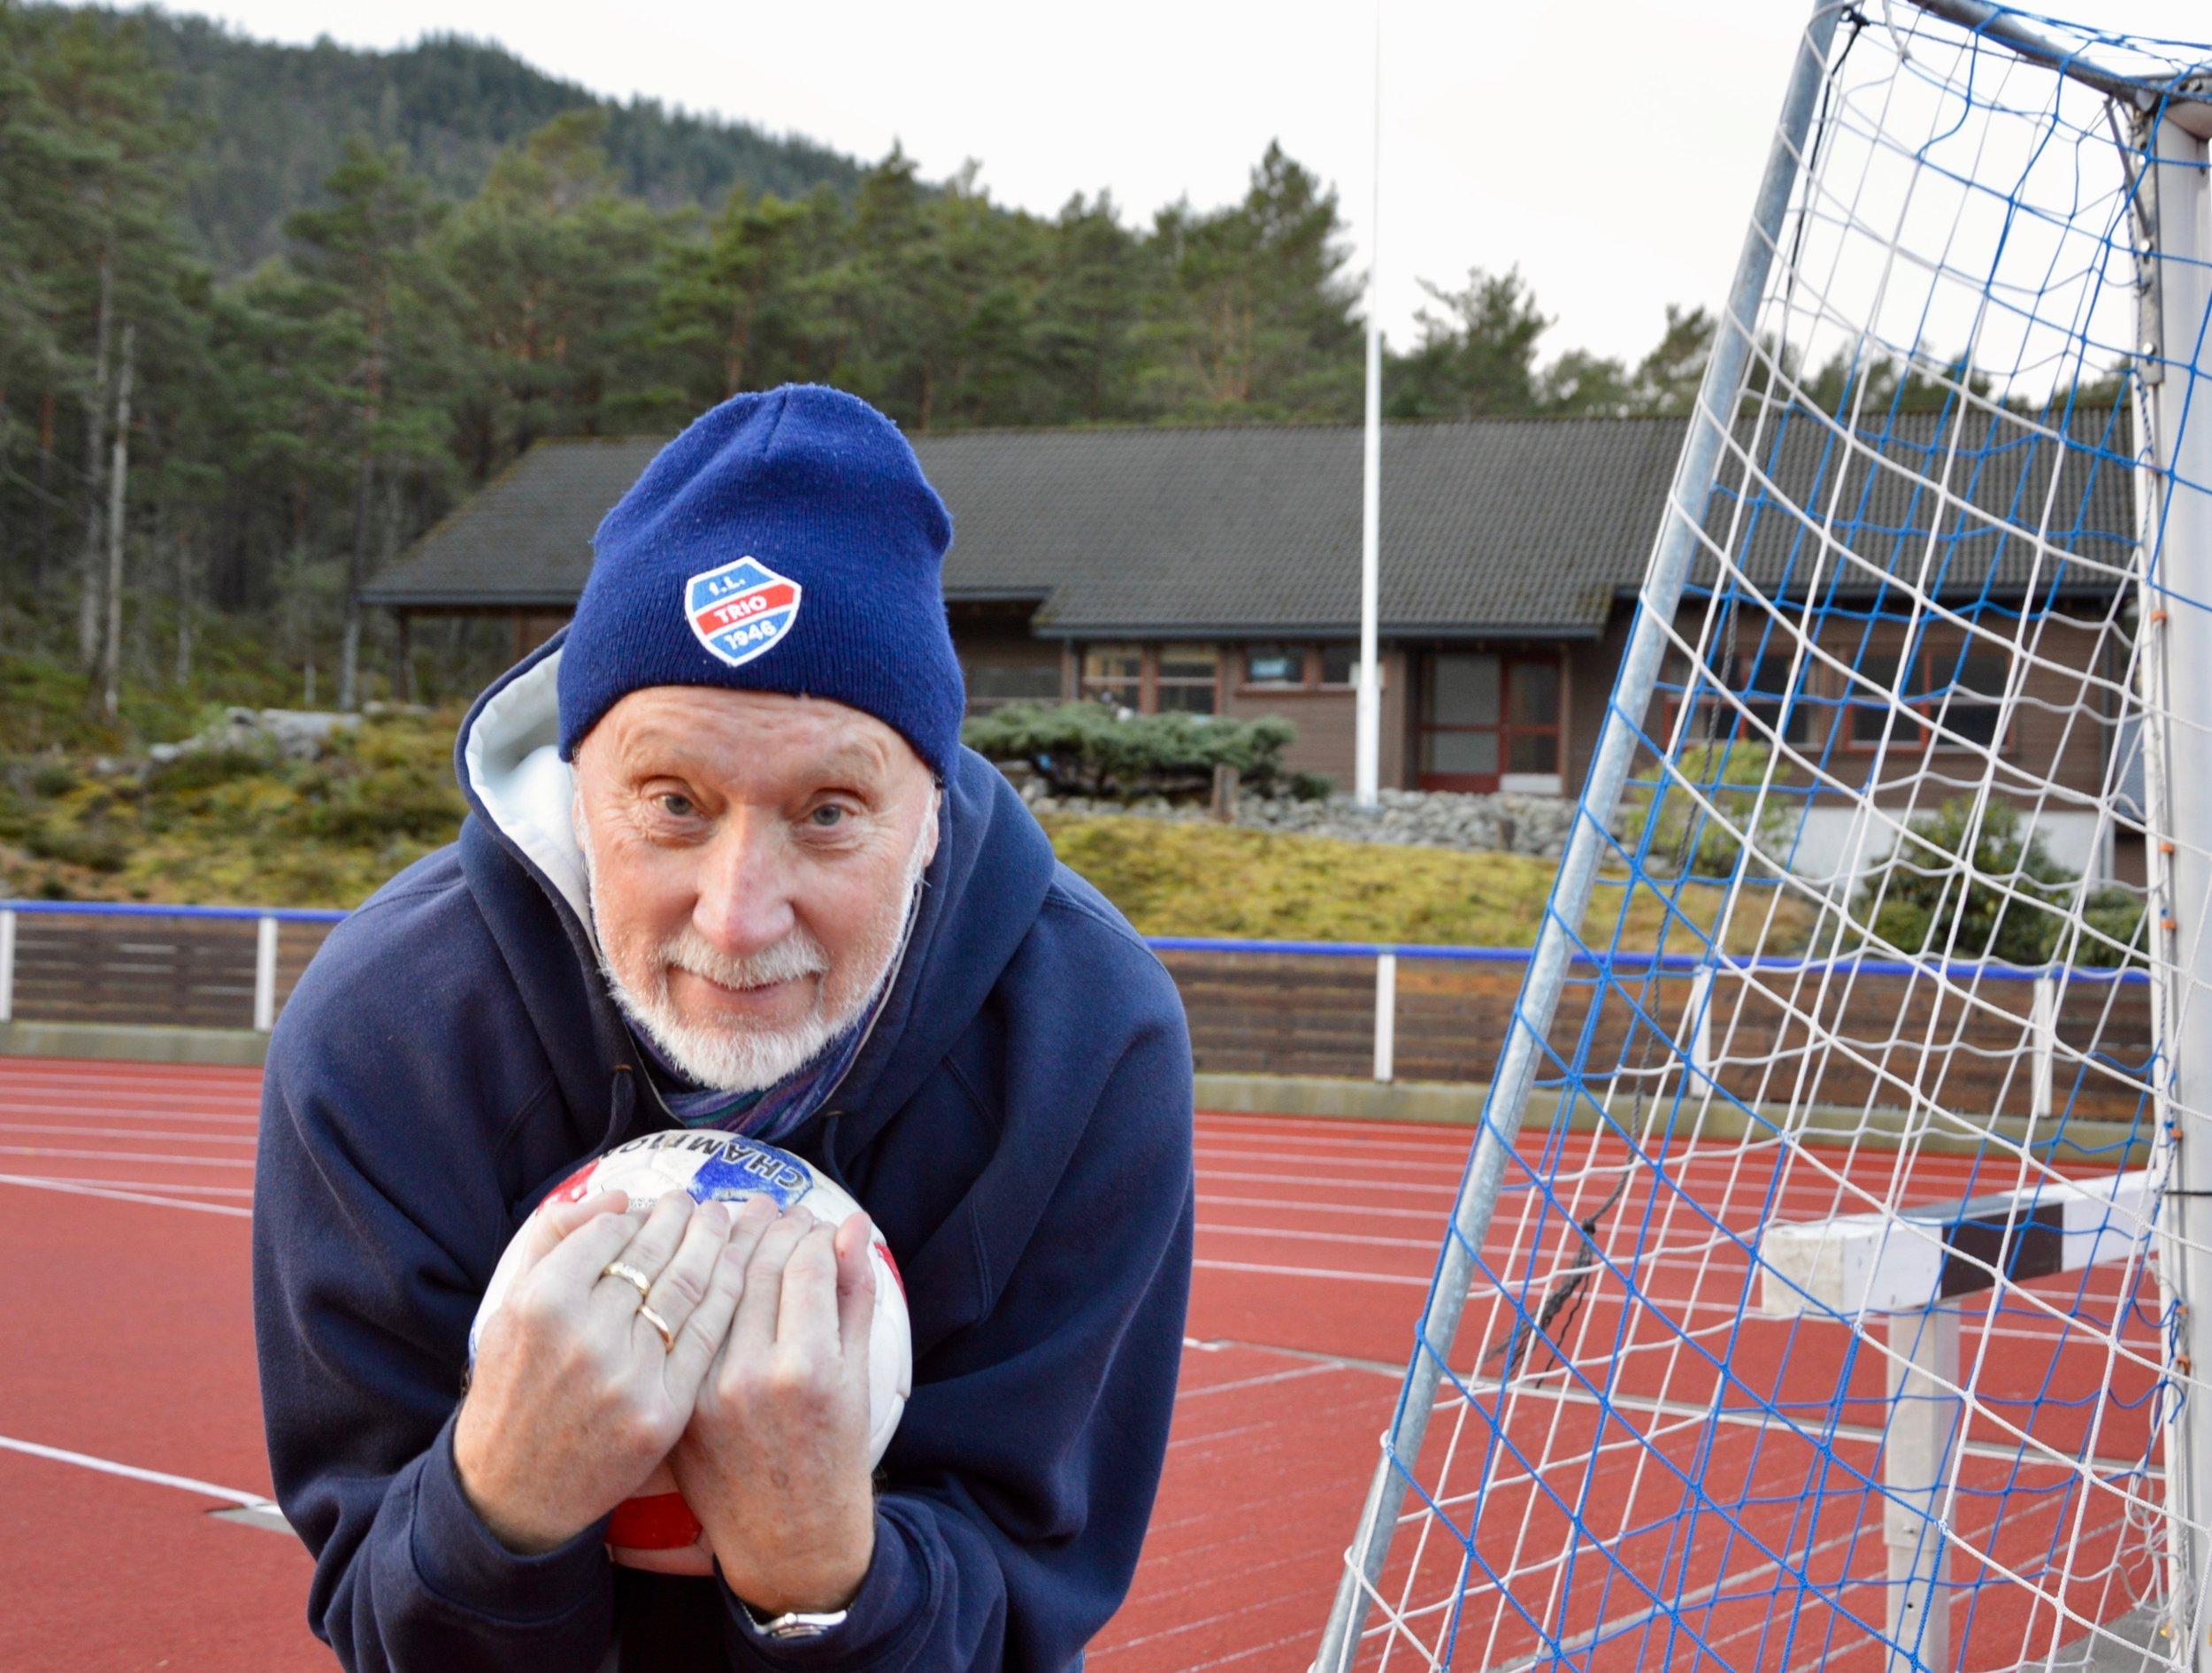 Agnar Melkersen gløymer aldri besøket hjå dokter Haugen. (Foto: Kristian Hus)